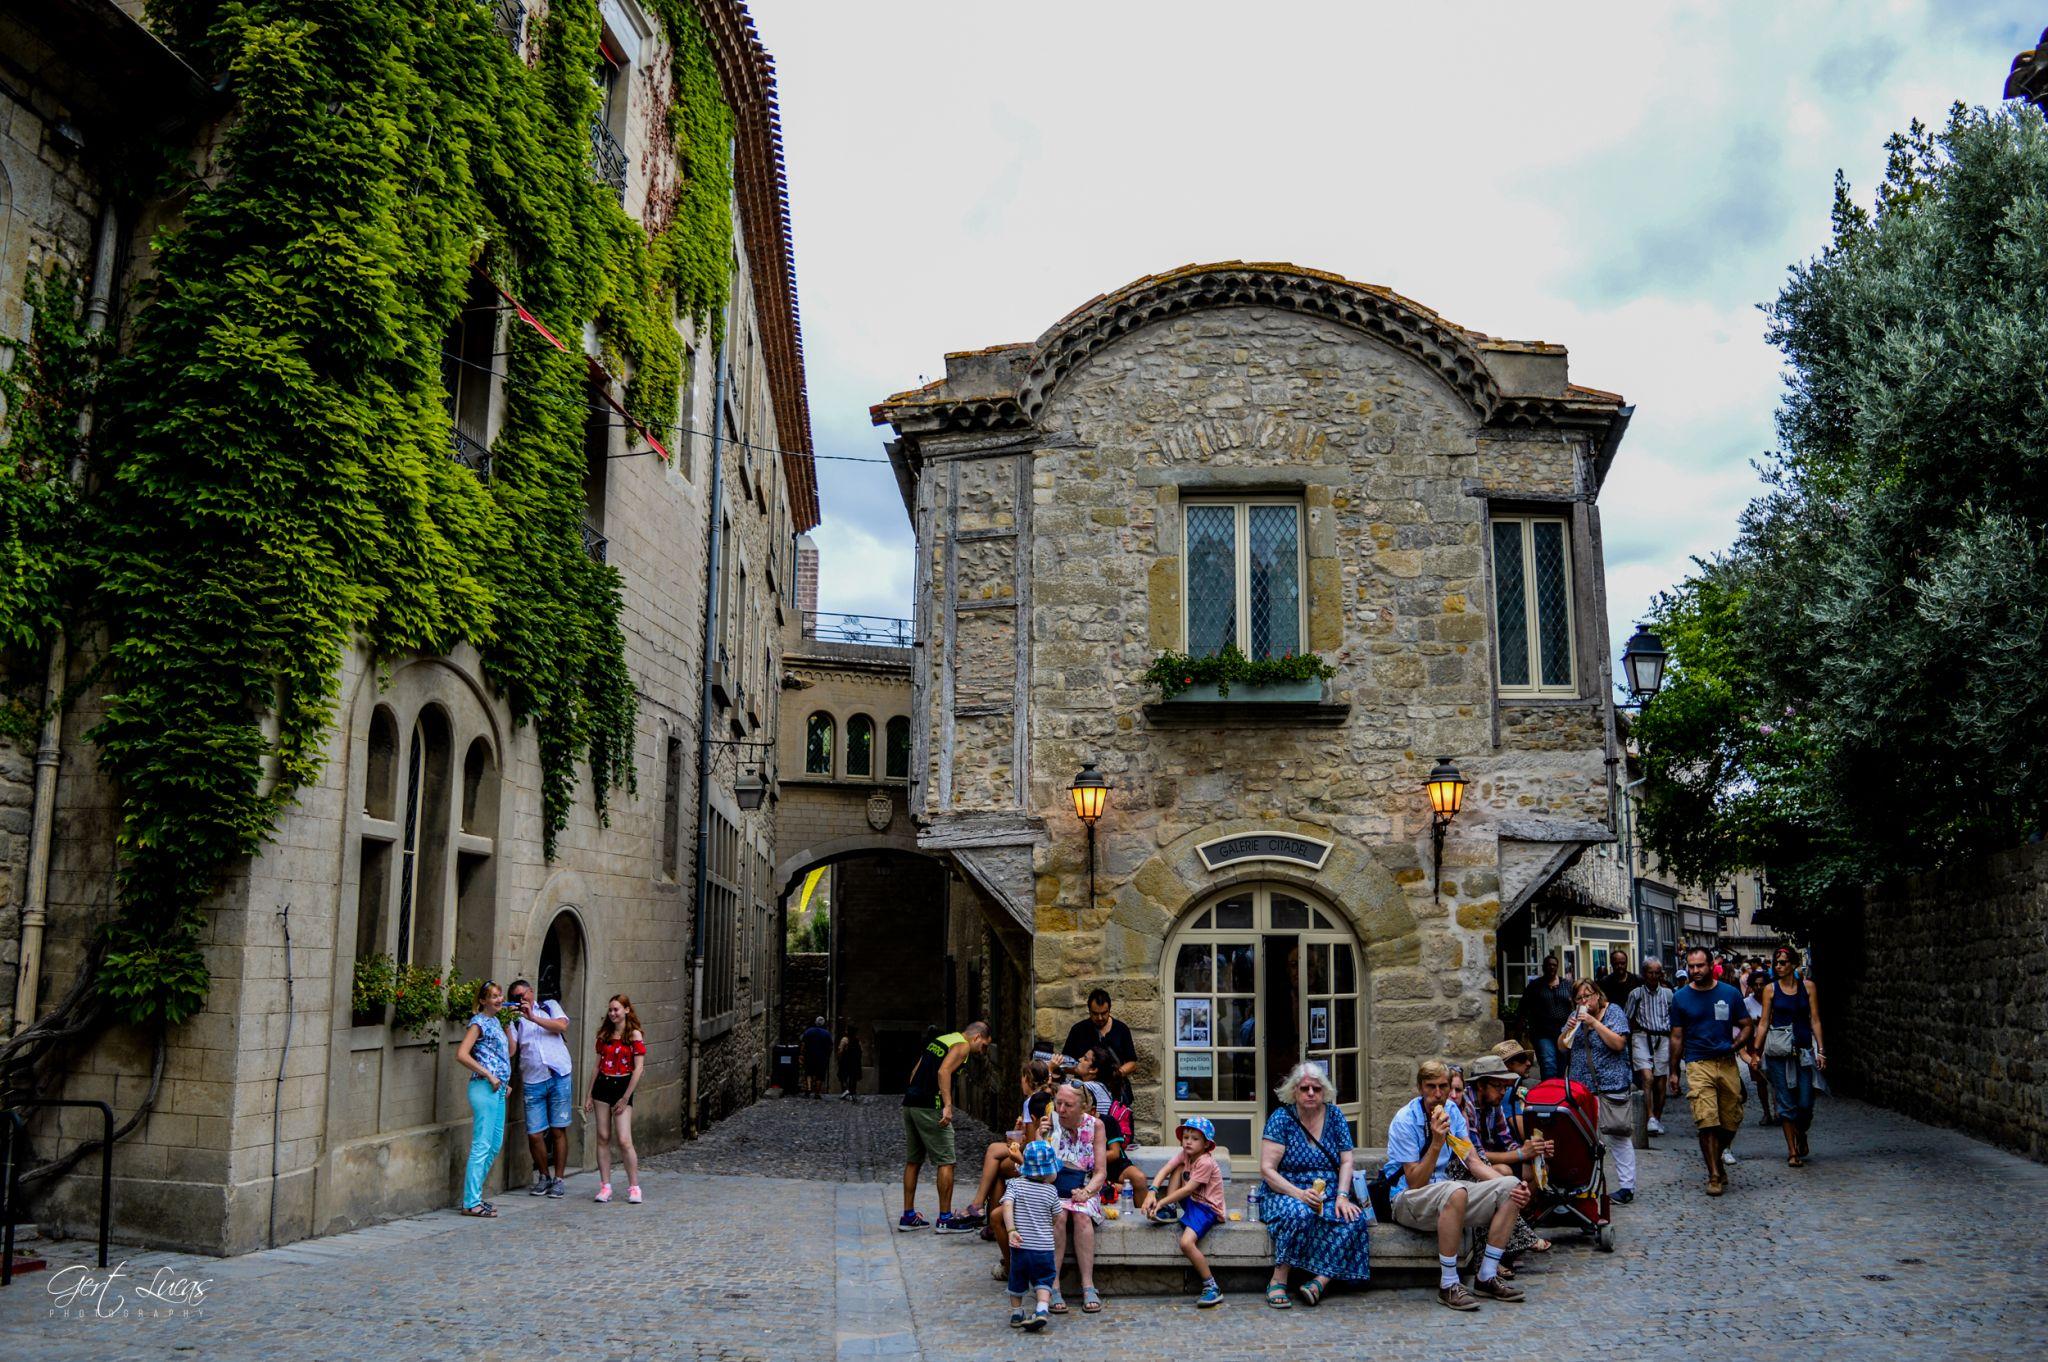 Carcassonne - Place Auguste Pierre Pont, France